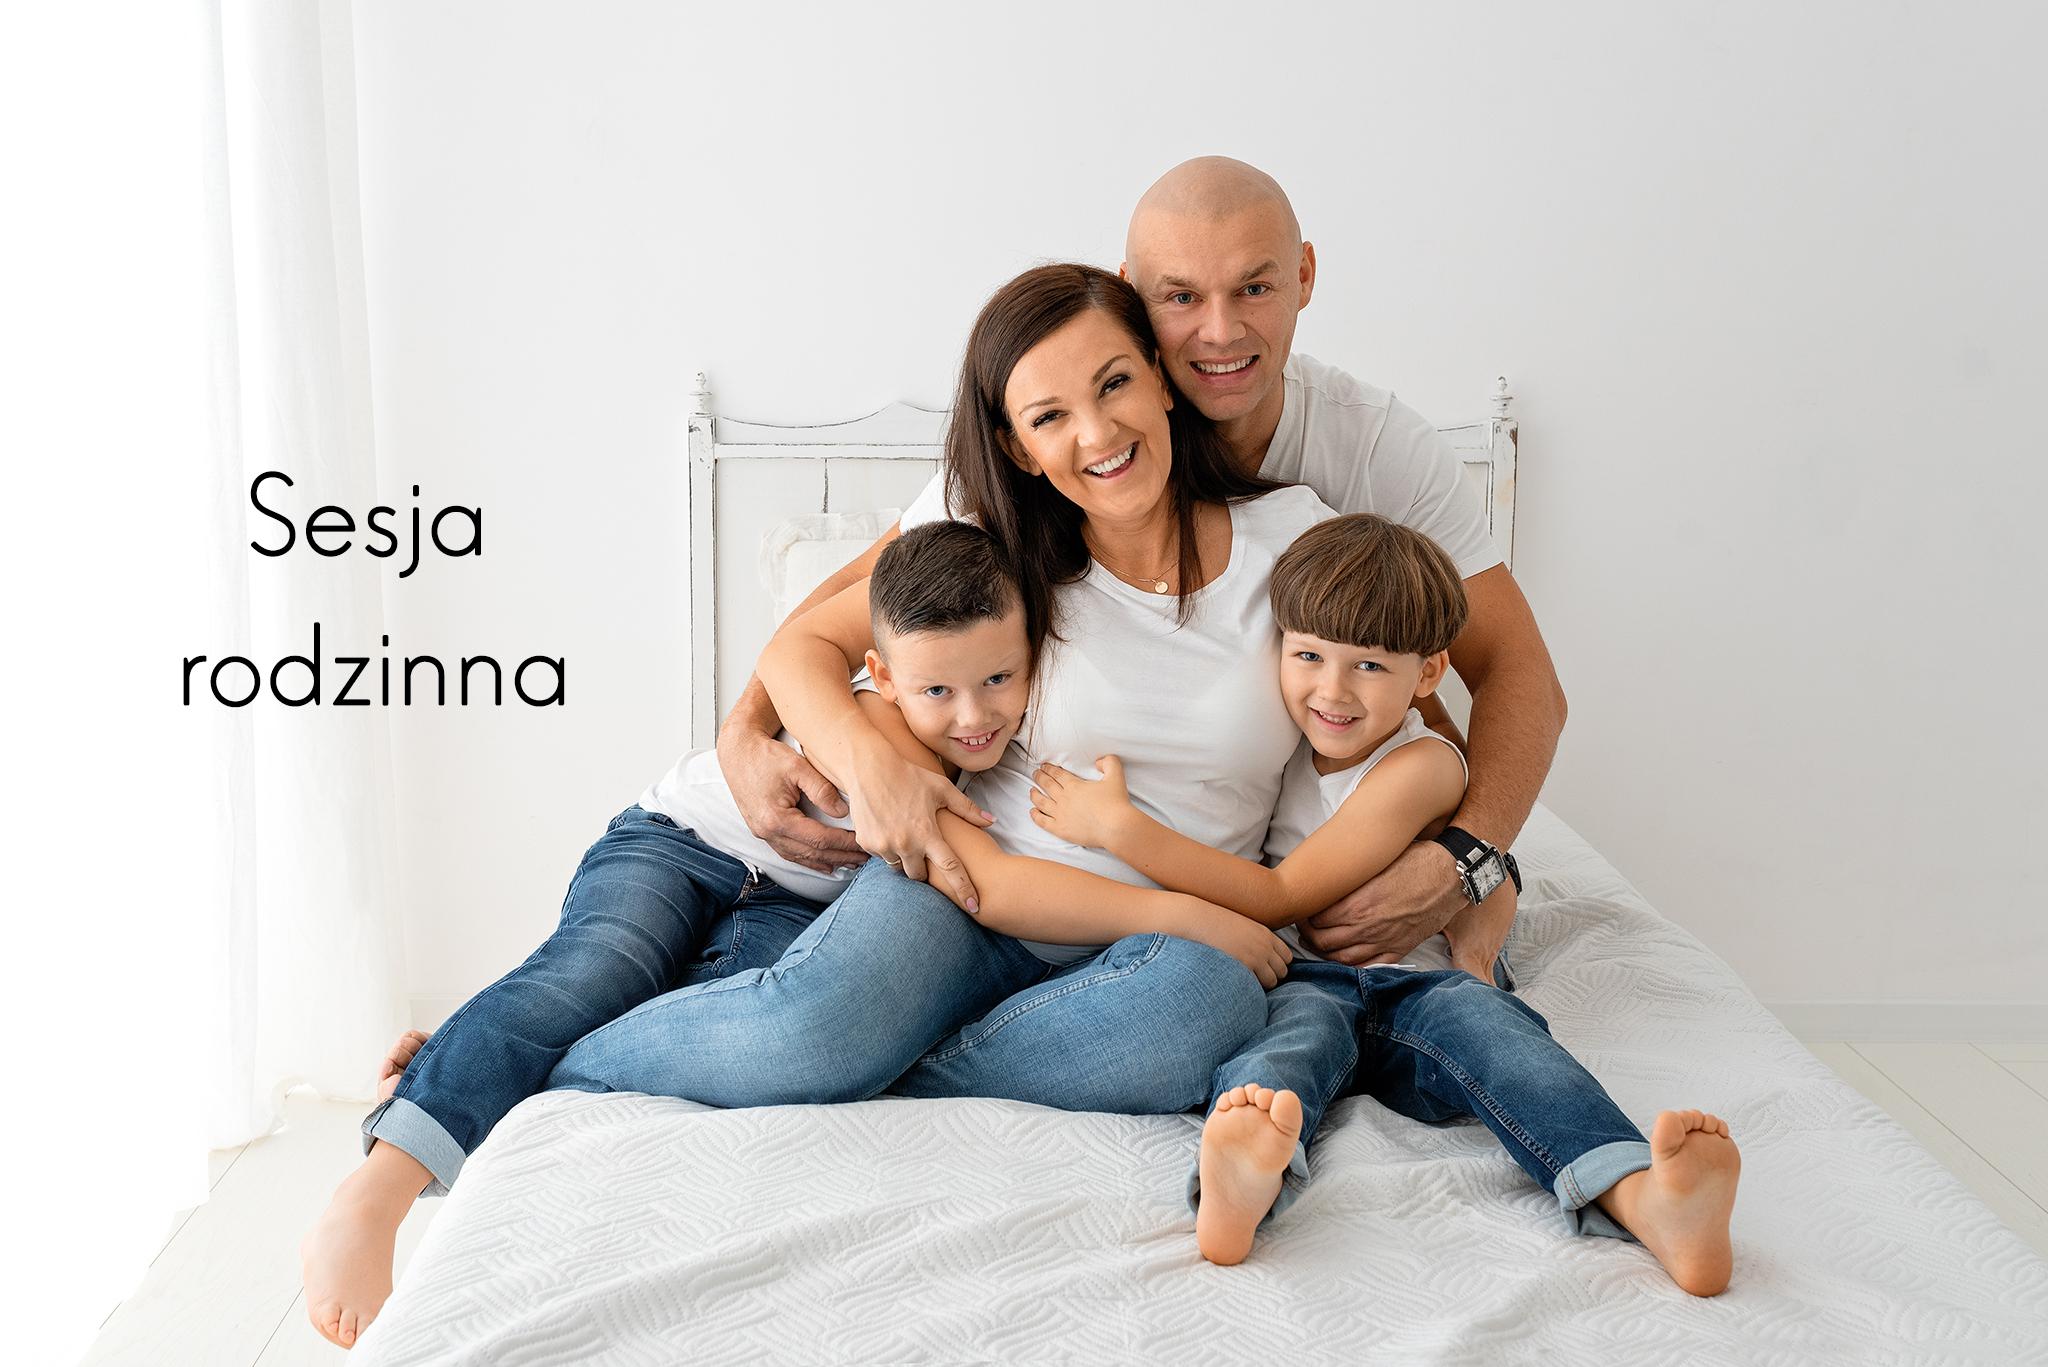 Sesja rodzinna Słupsk